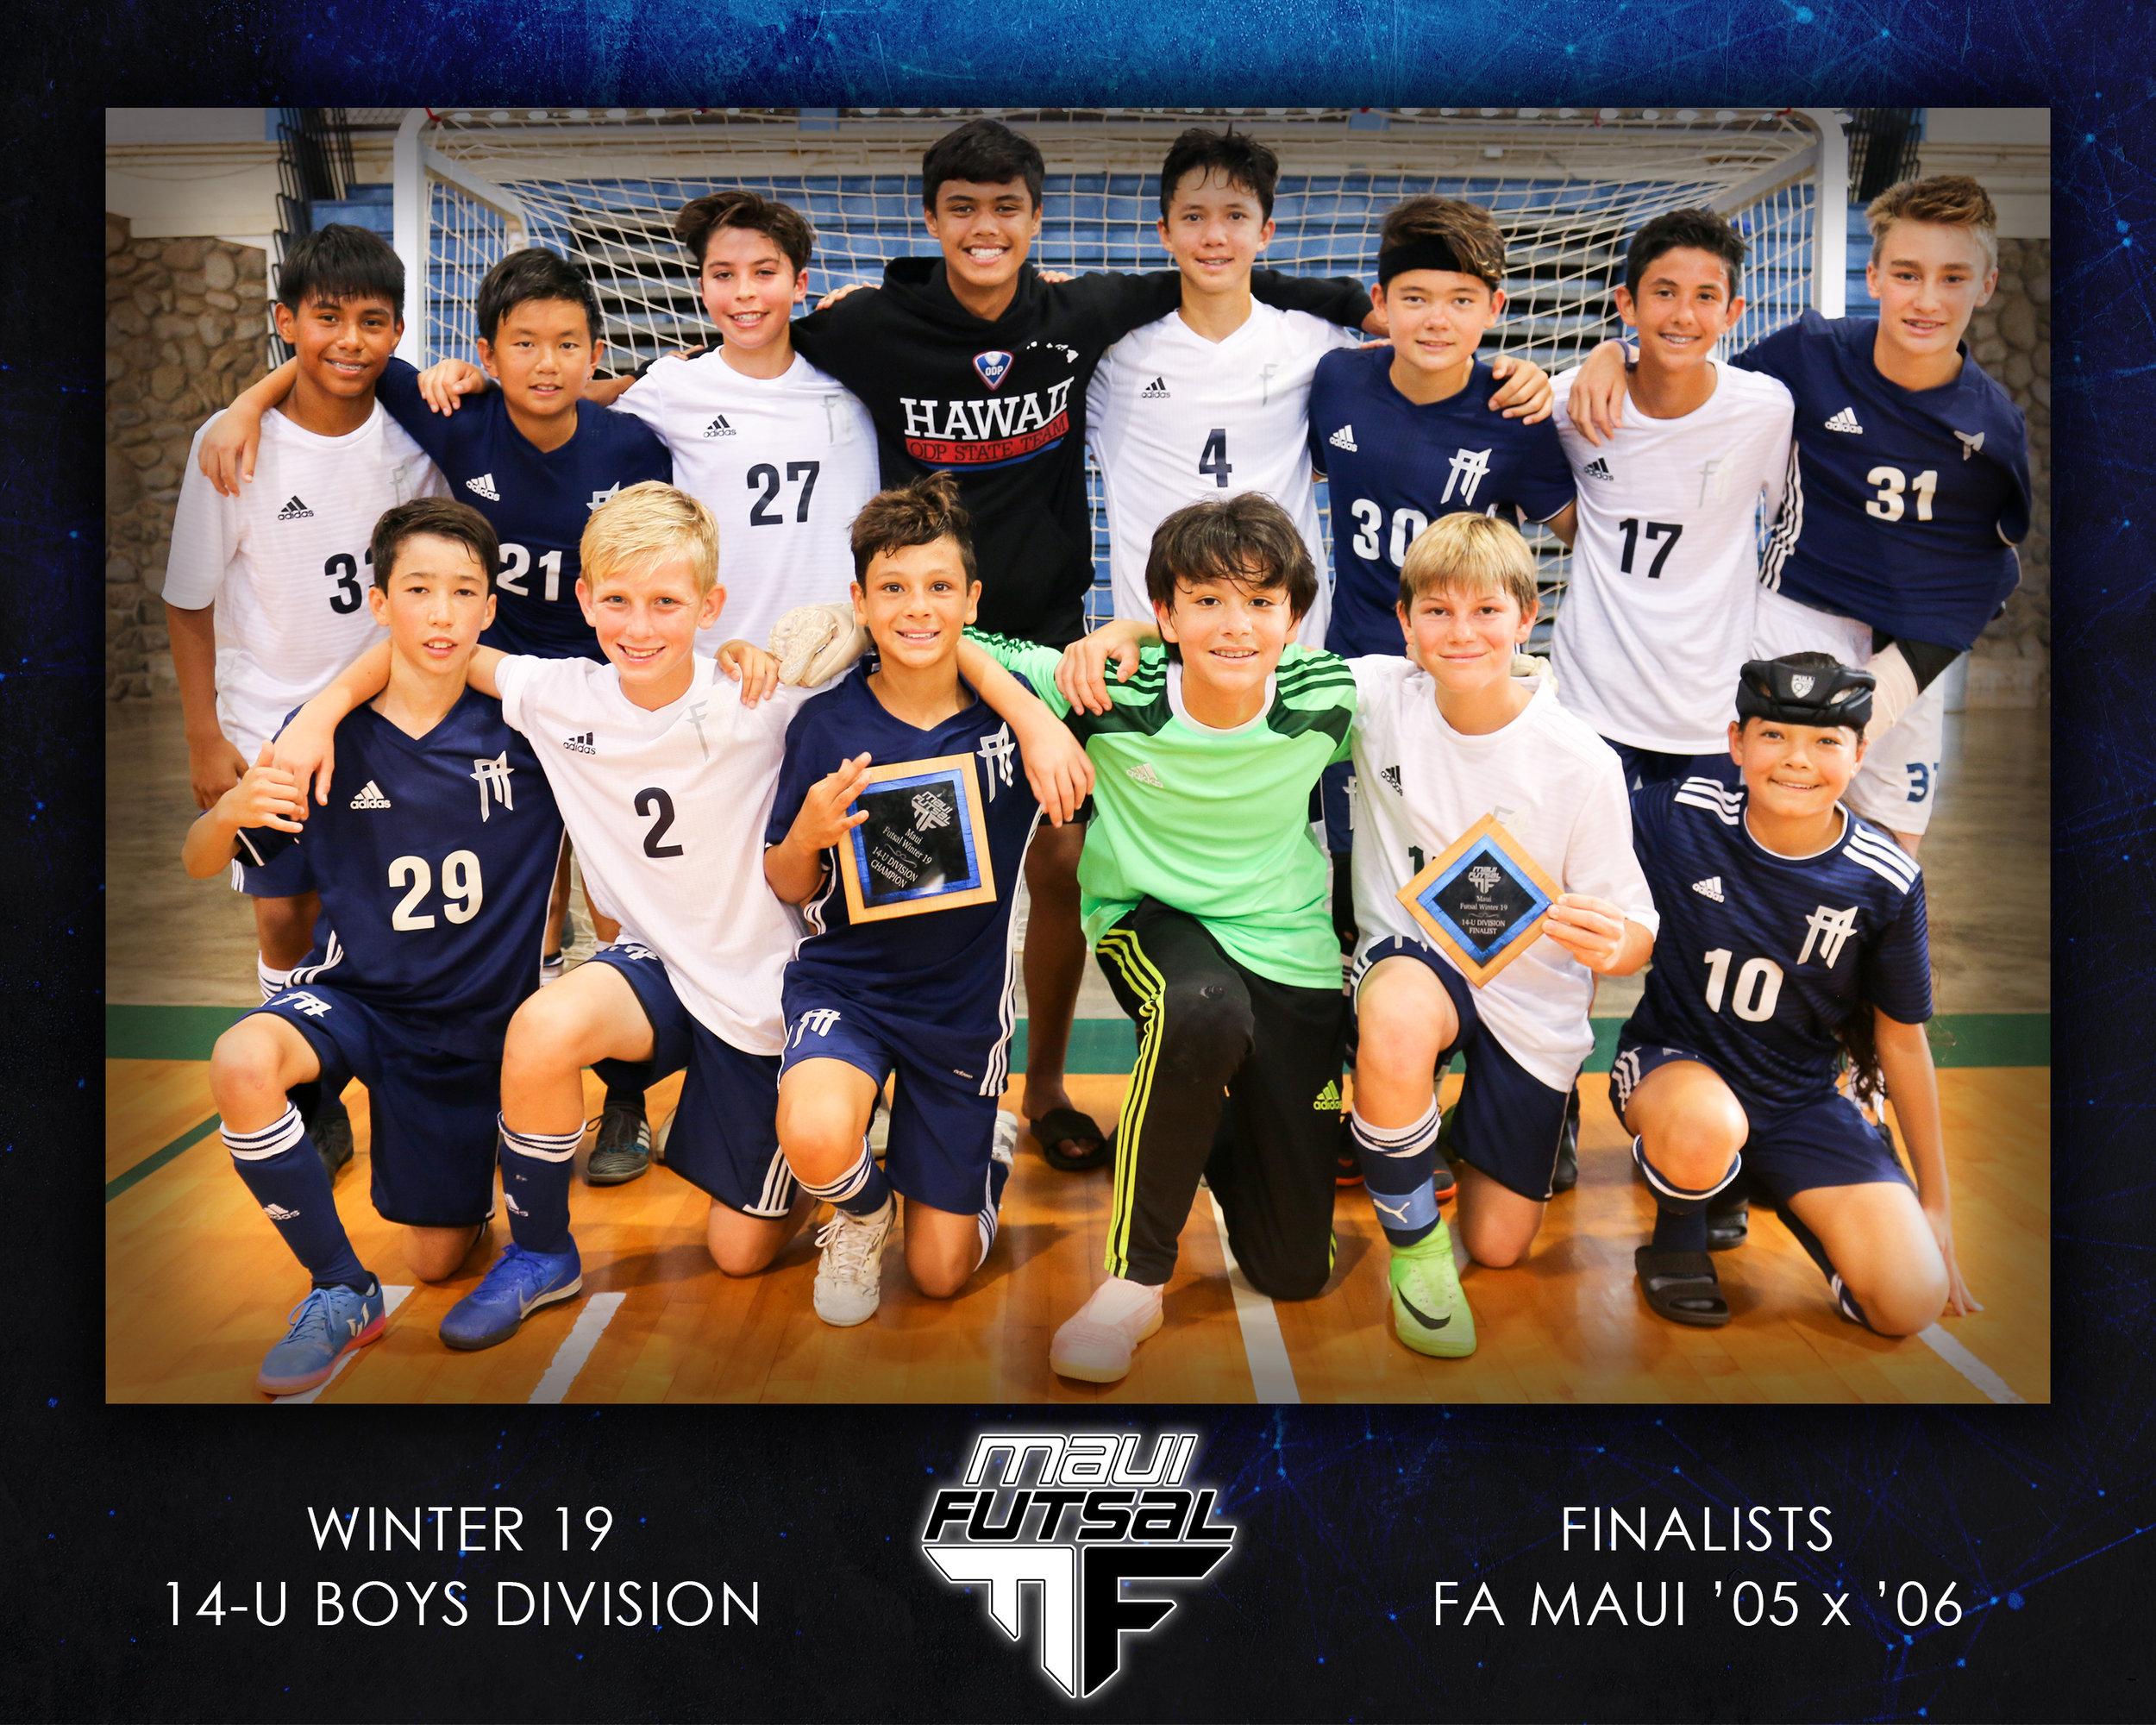 CHAMPIONS: FA Maui '06 Boys | RUNNER-UP: FA Maui '05 Boys